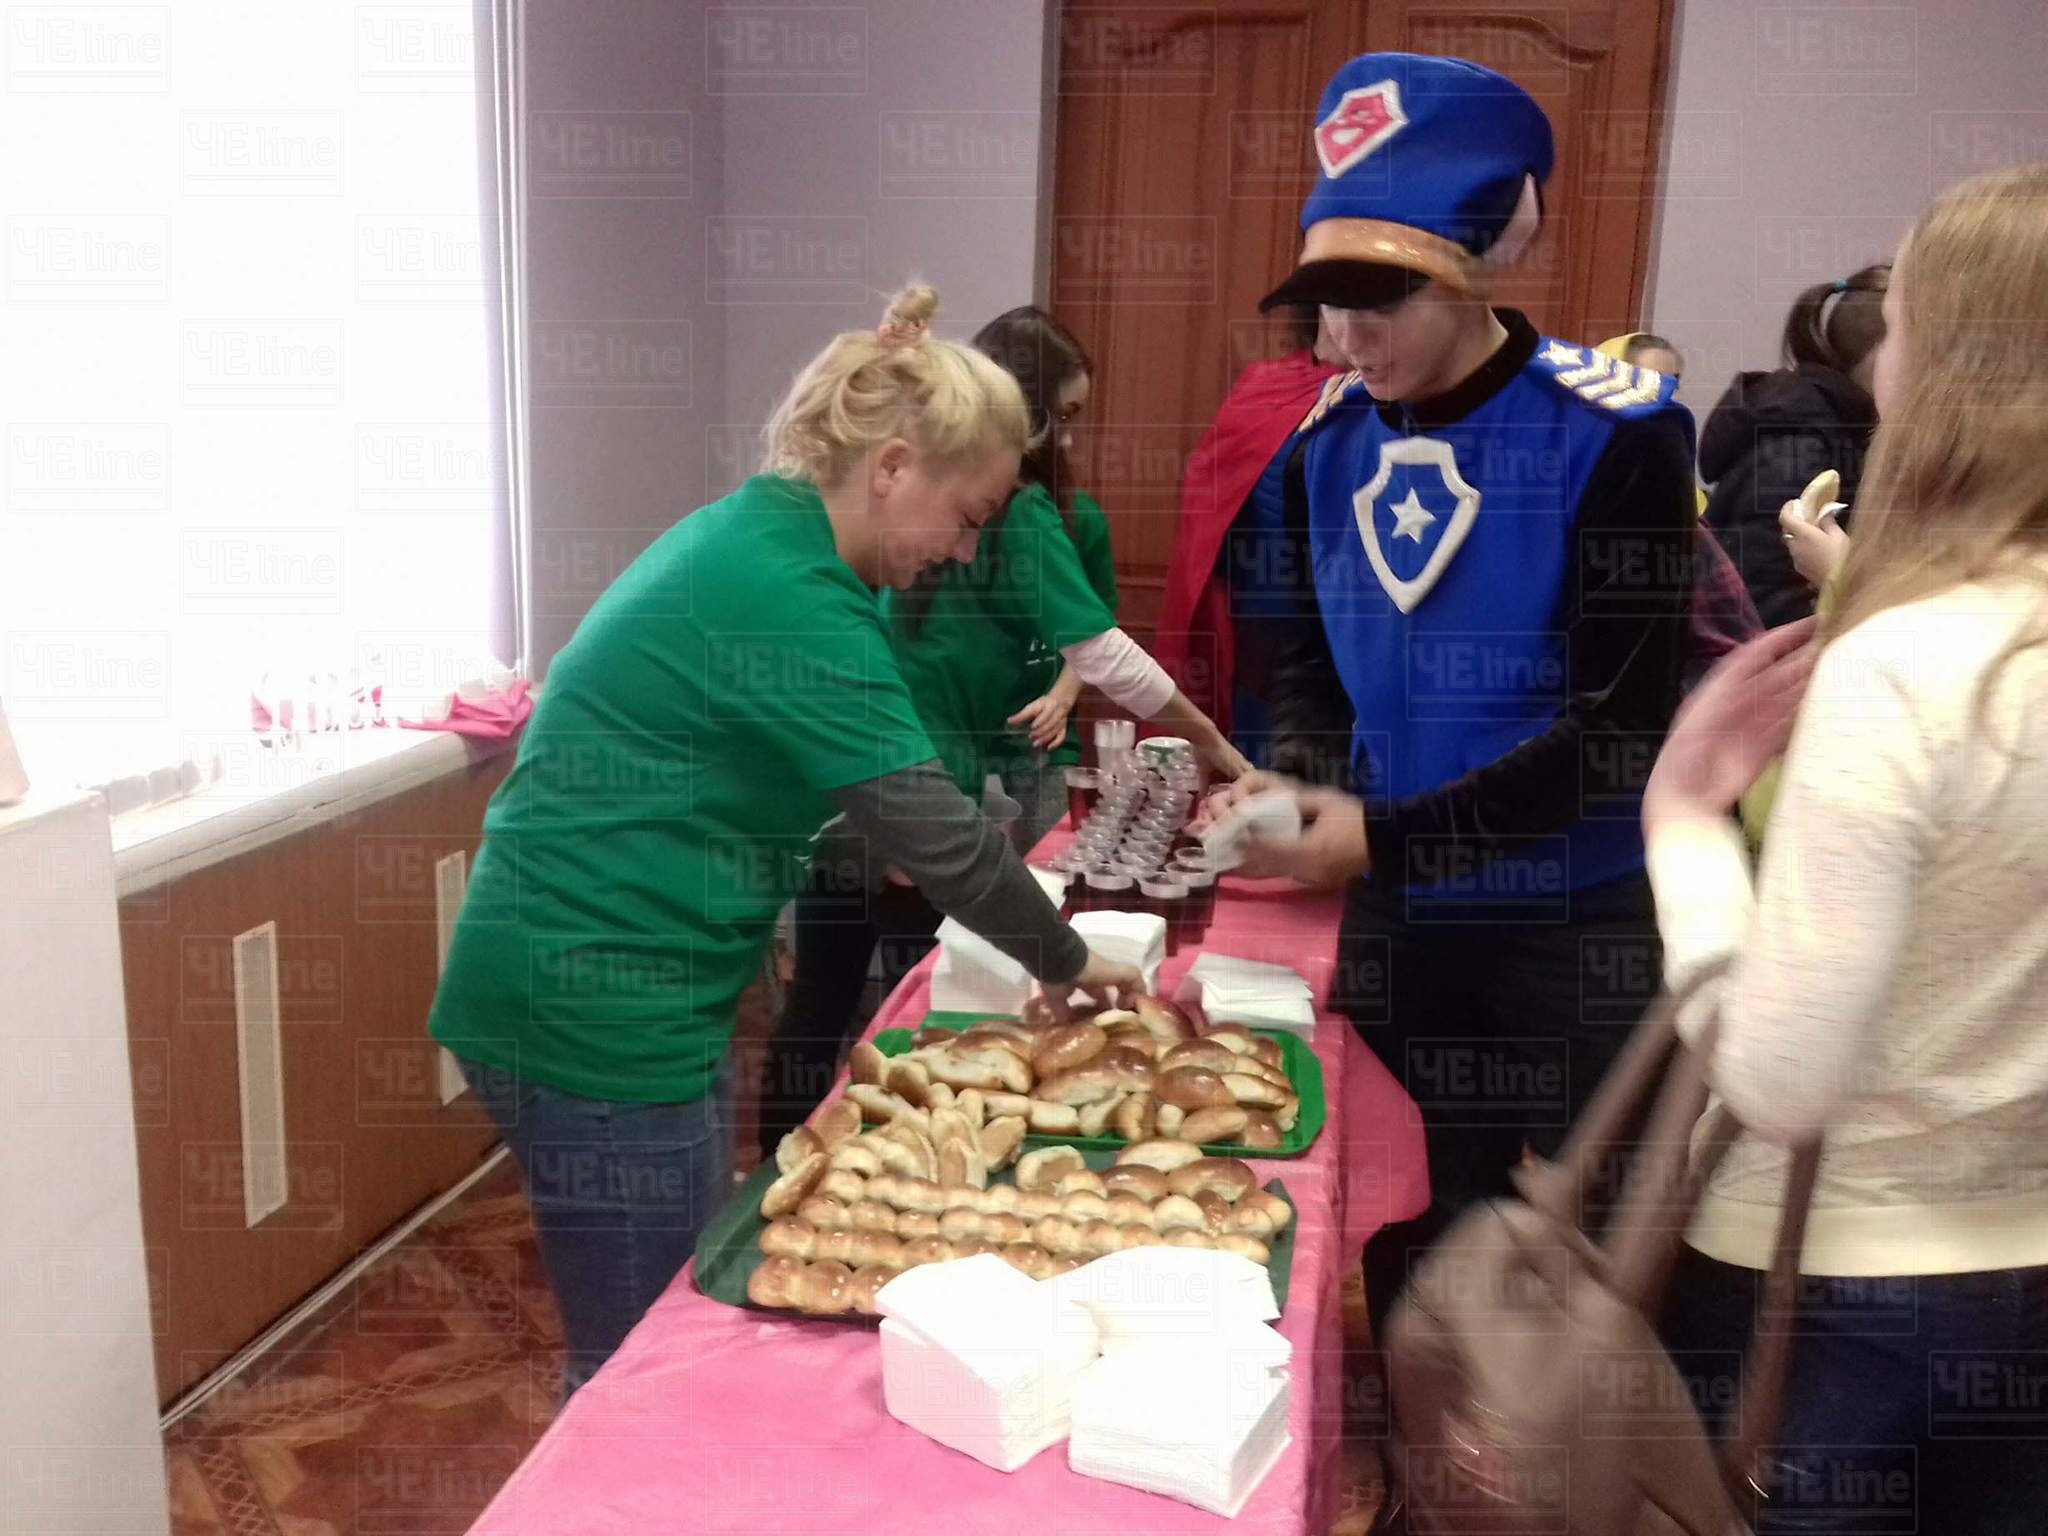 Із булочками та чаєм: у Чернігівському університеті святкують День студента